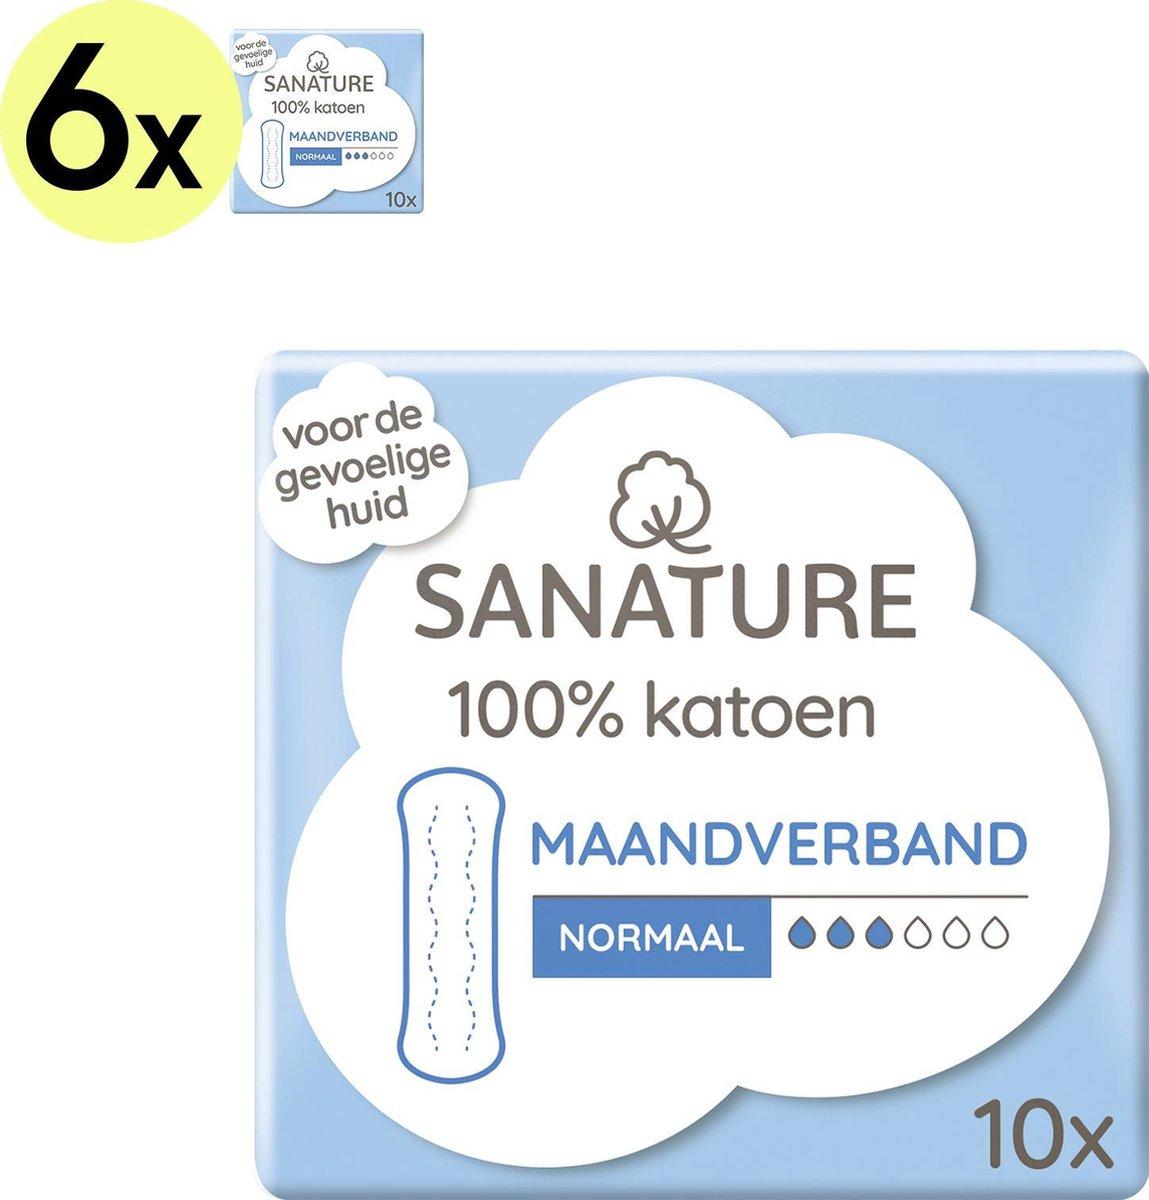 Sanature 100% Katoenen Maandverband Normaal zonder vleugels 6 x 10 stuks